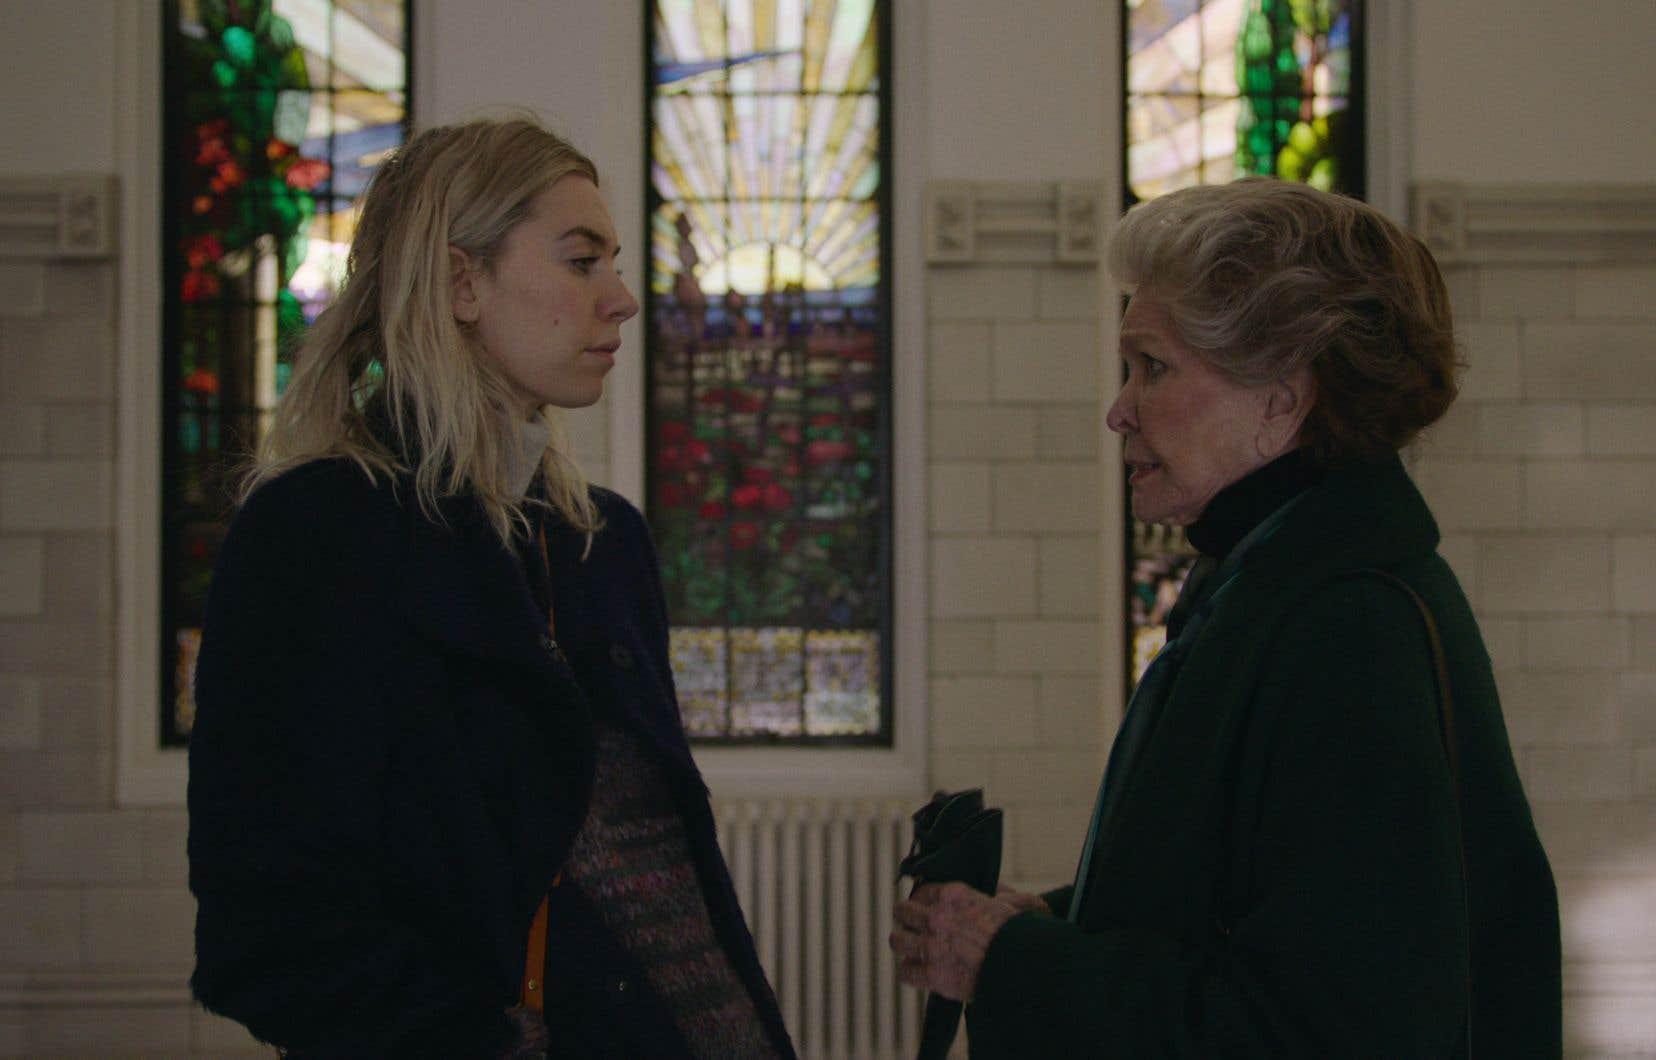 Bien que le tournage du film ait été émotionnellement exigeant à bien des égards, les  actrices Vanessa Kirby (à gauche) et Ellen Burstyn le classent  parmi les meilleurs souvenirs de leur carrière. Et cela ne serait pas étranger à Montréal, et à ses équipes de production hors pair.